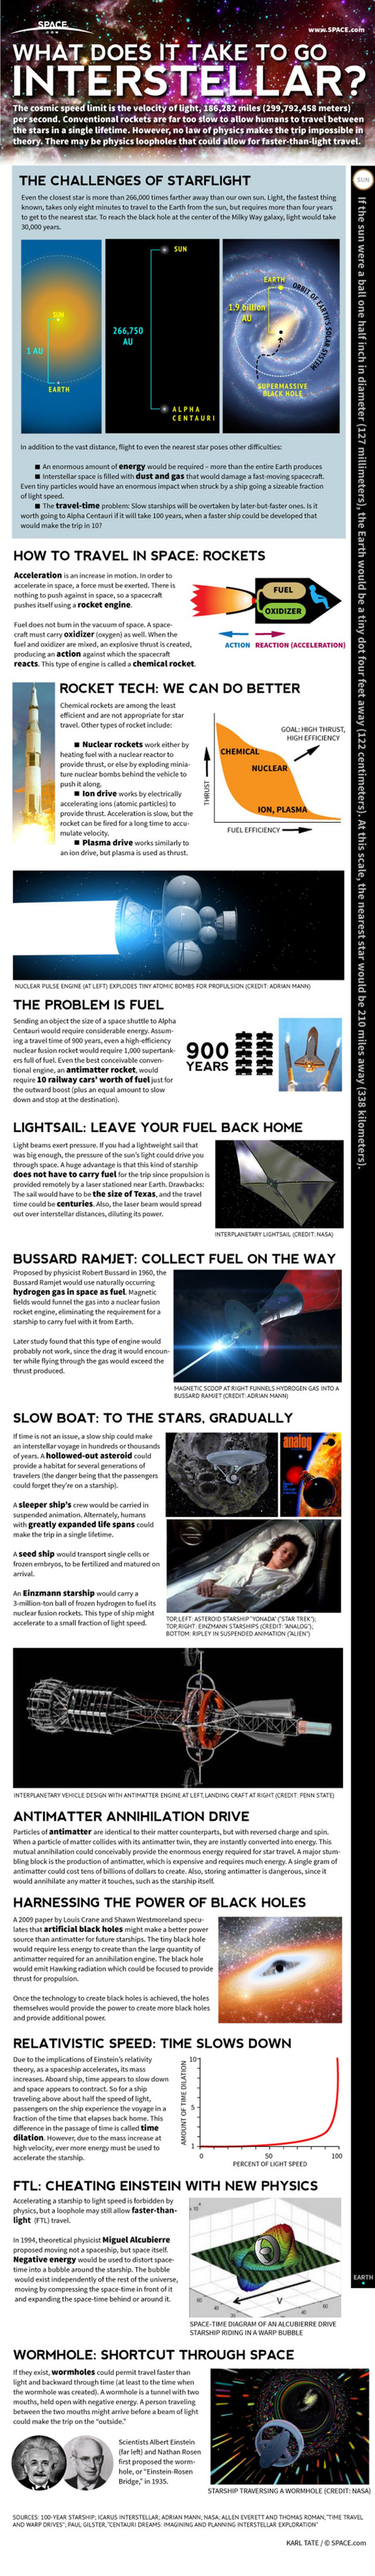 interstellar-space-flight-requirements-130701b-02